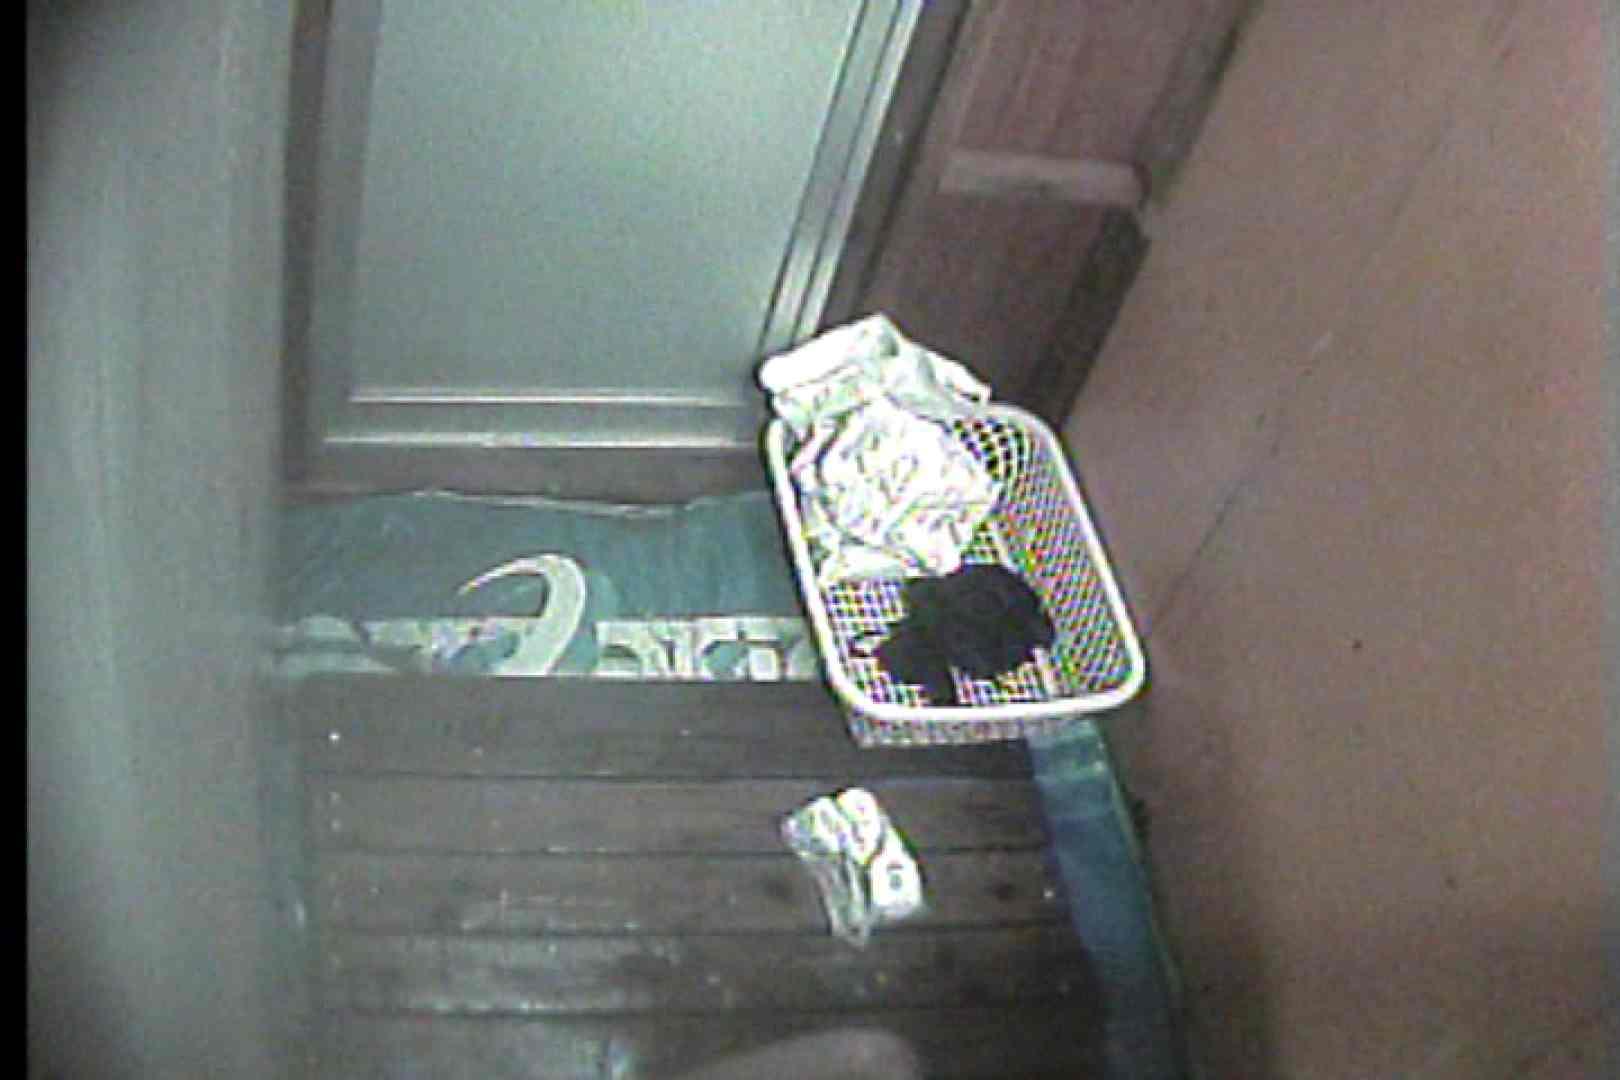 海の家の更衣室 Vol.35 シャワー室 オマンコ動画キャプチャ 77枚 45